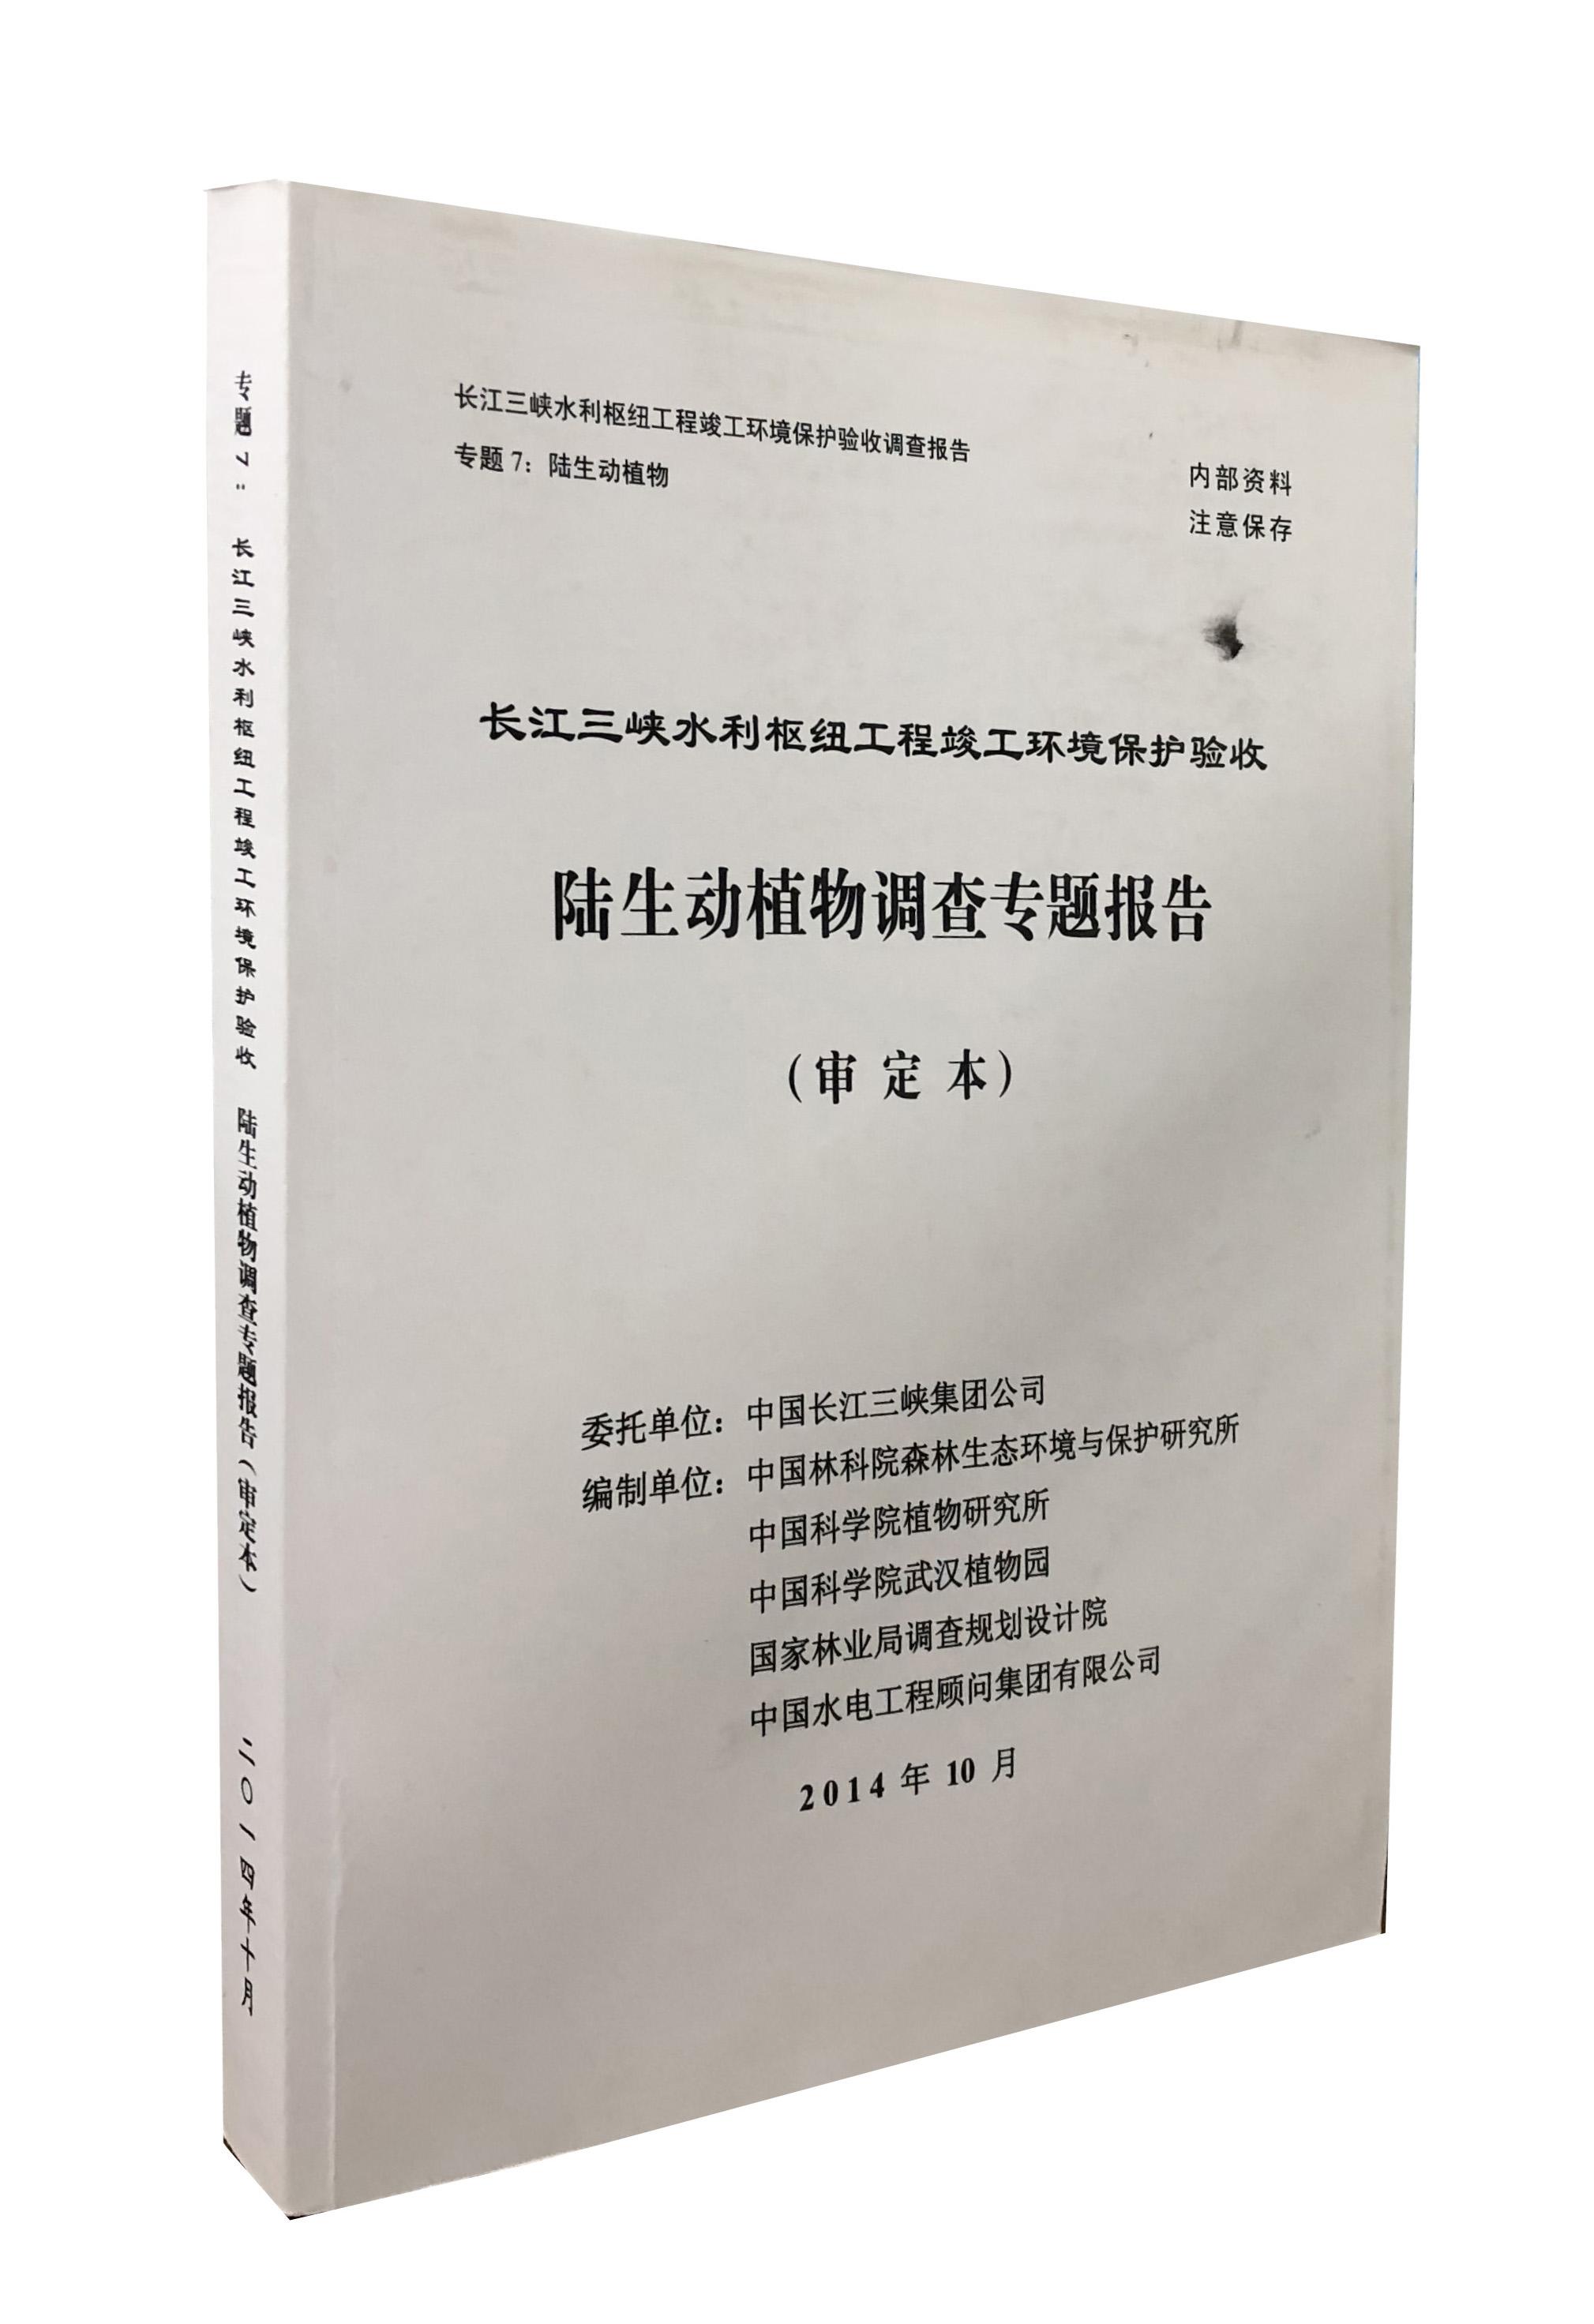 长江三峡水利枢纽工程竣工环境保护验收陆生动植物调查专题报告